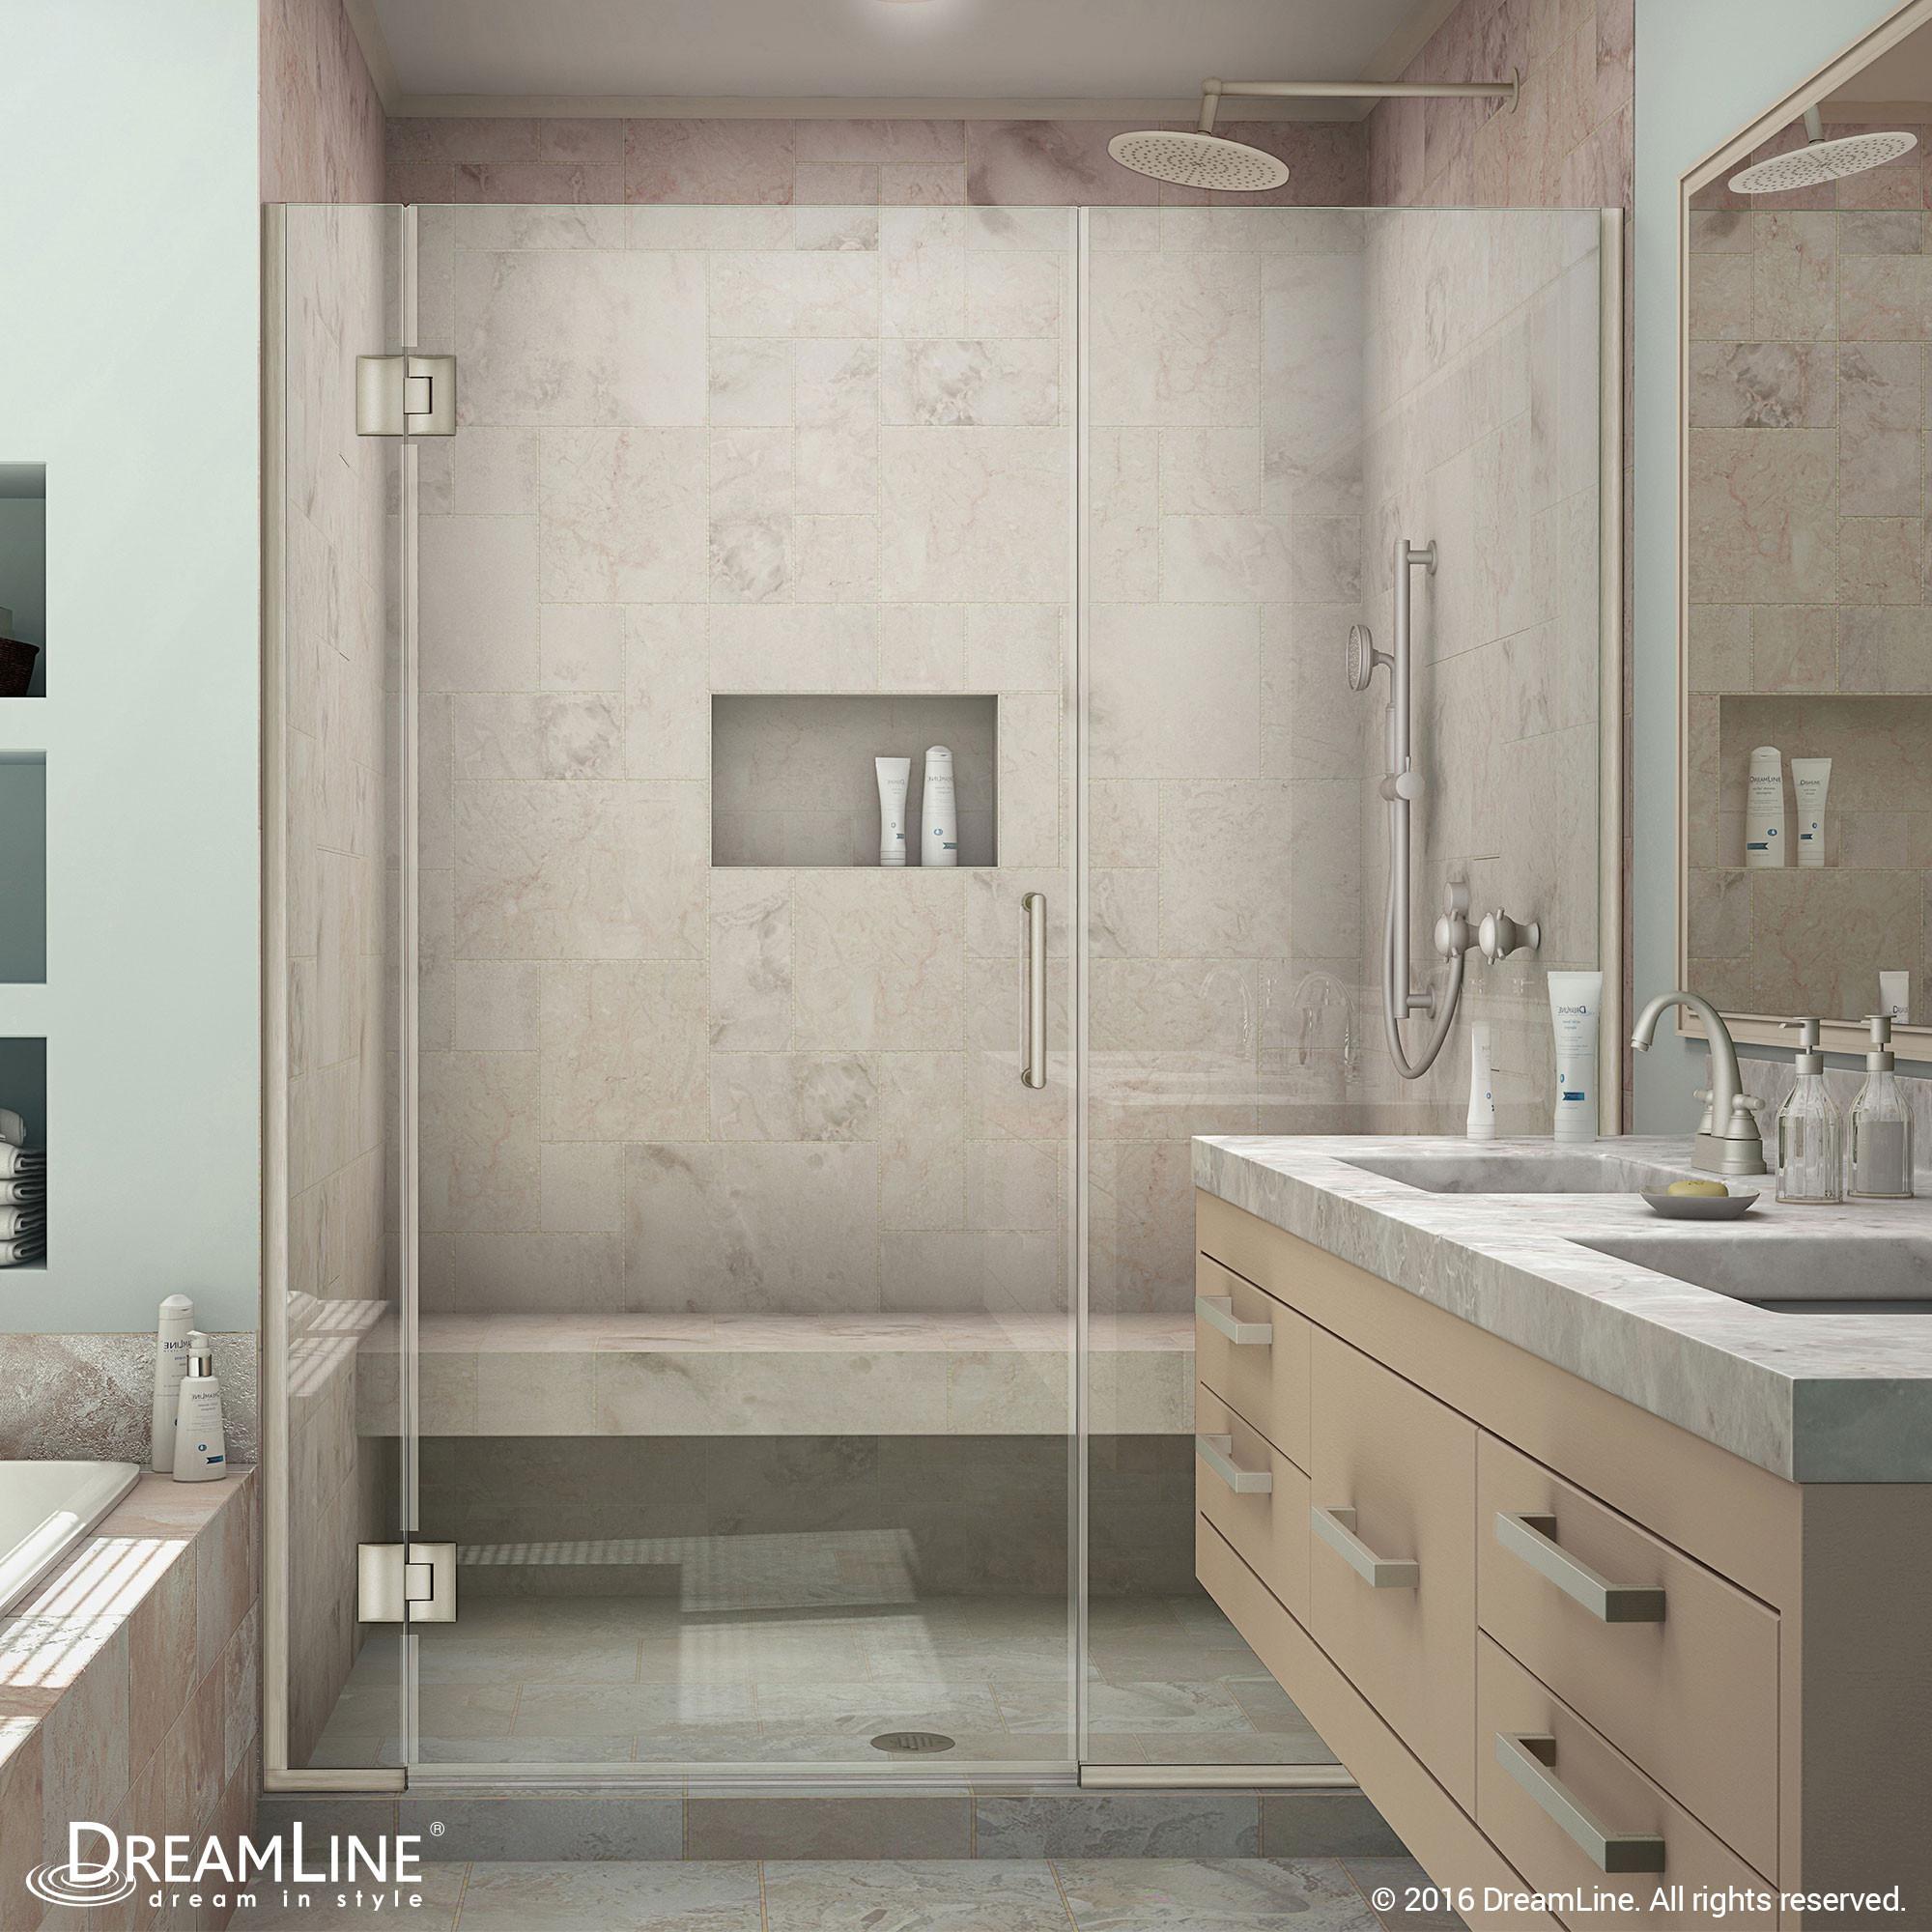 DreamLine D13014572-04 Brushed Nickel Unidoor-X 50 1/2 - 51 in. W x 72 in. H Hinged Shower Door